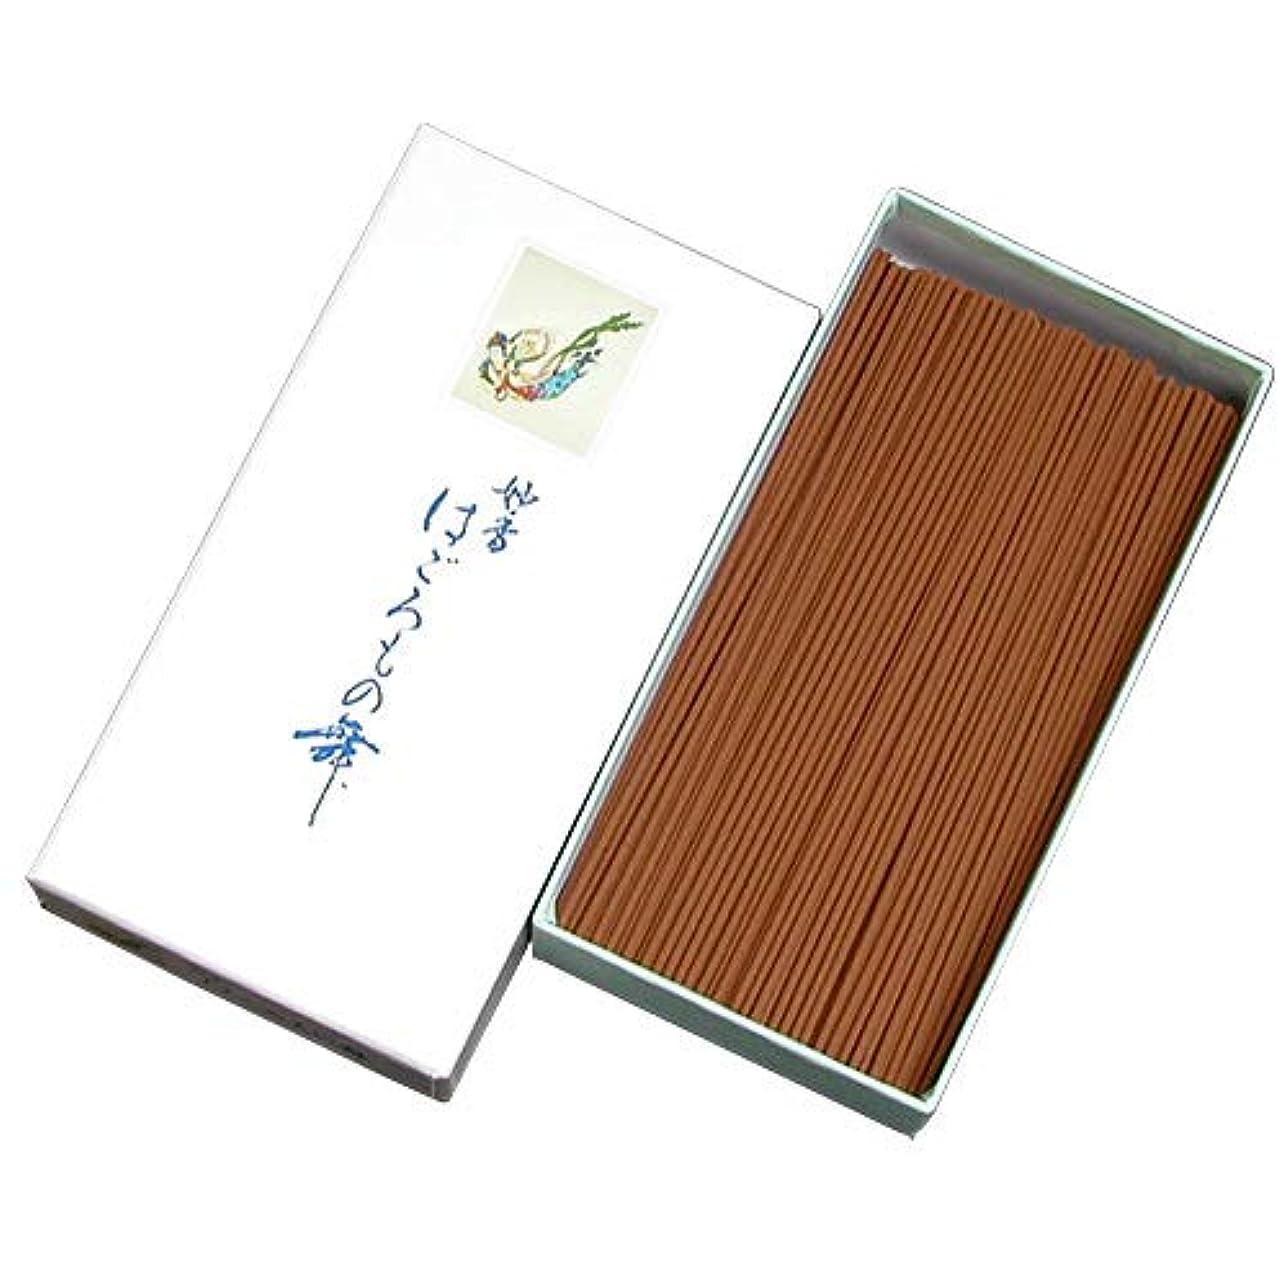 パーツ故障中押す家庭用線香 はごろもの舞(箱寸法16×8.5×3.5cm)◆一番人気の優しい香りのお線香(大発)